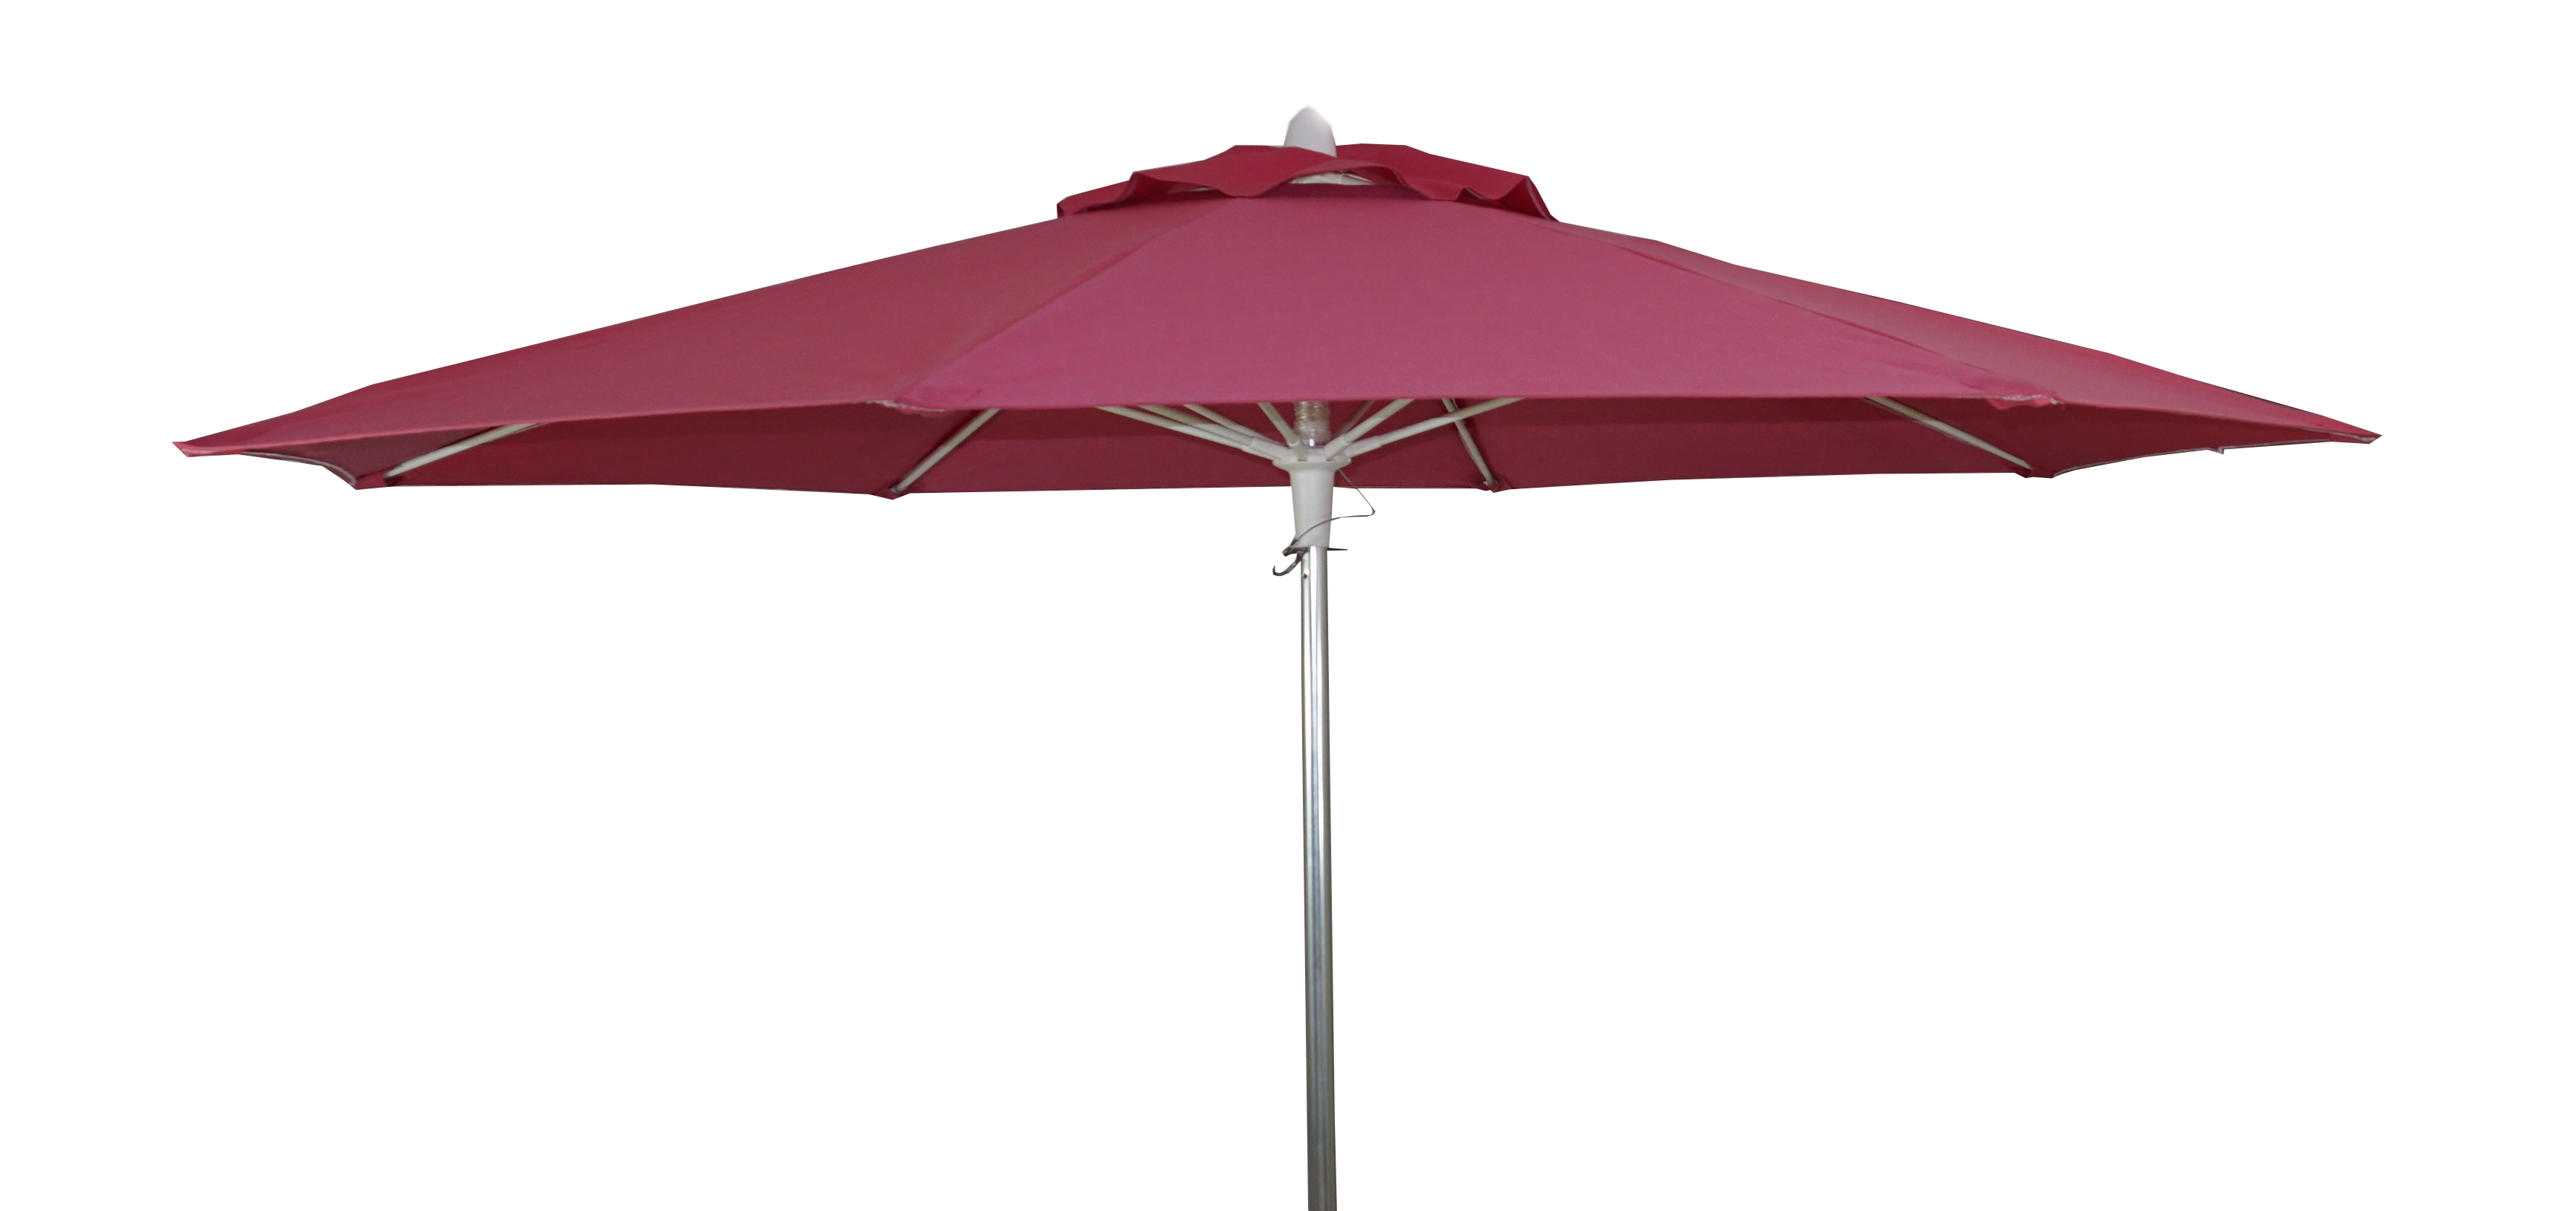 Custom Sunbrella Patio Umbrellas In Well Known Custome Made Umbrella – Feruci Patio Furniture Miami (Gallery 16 of 20)